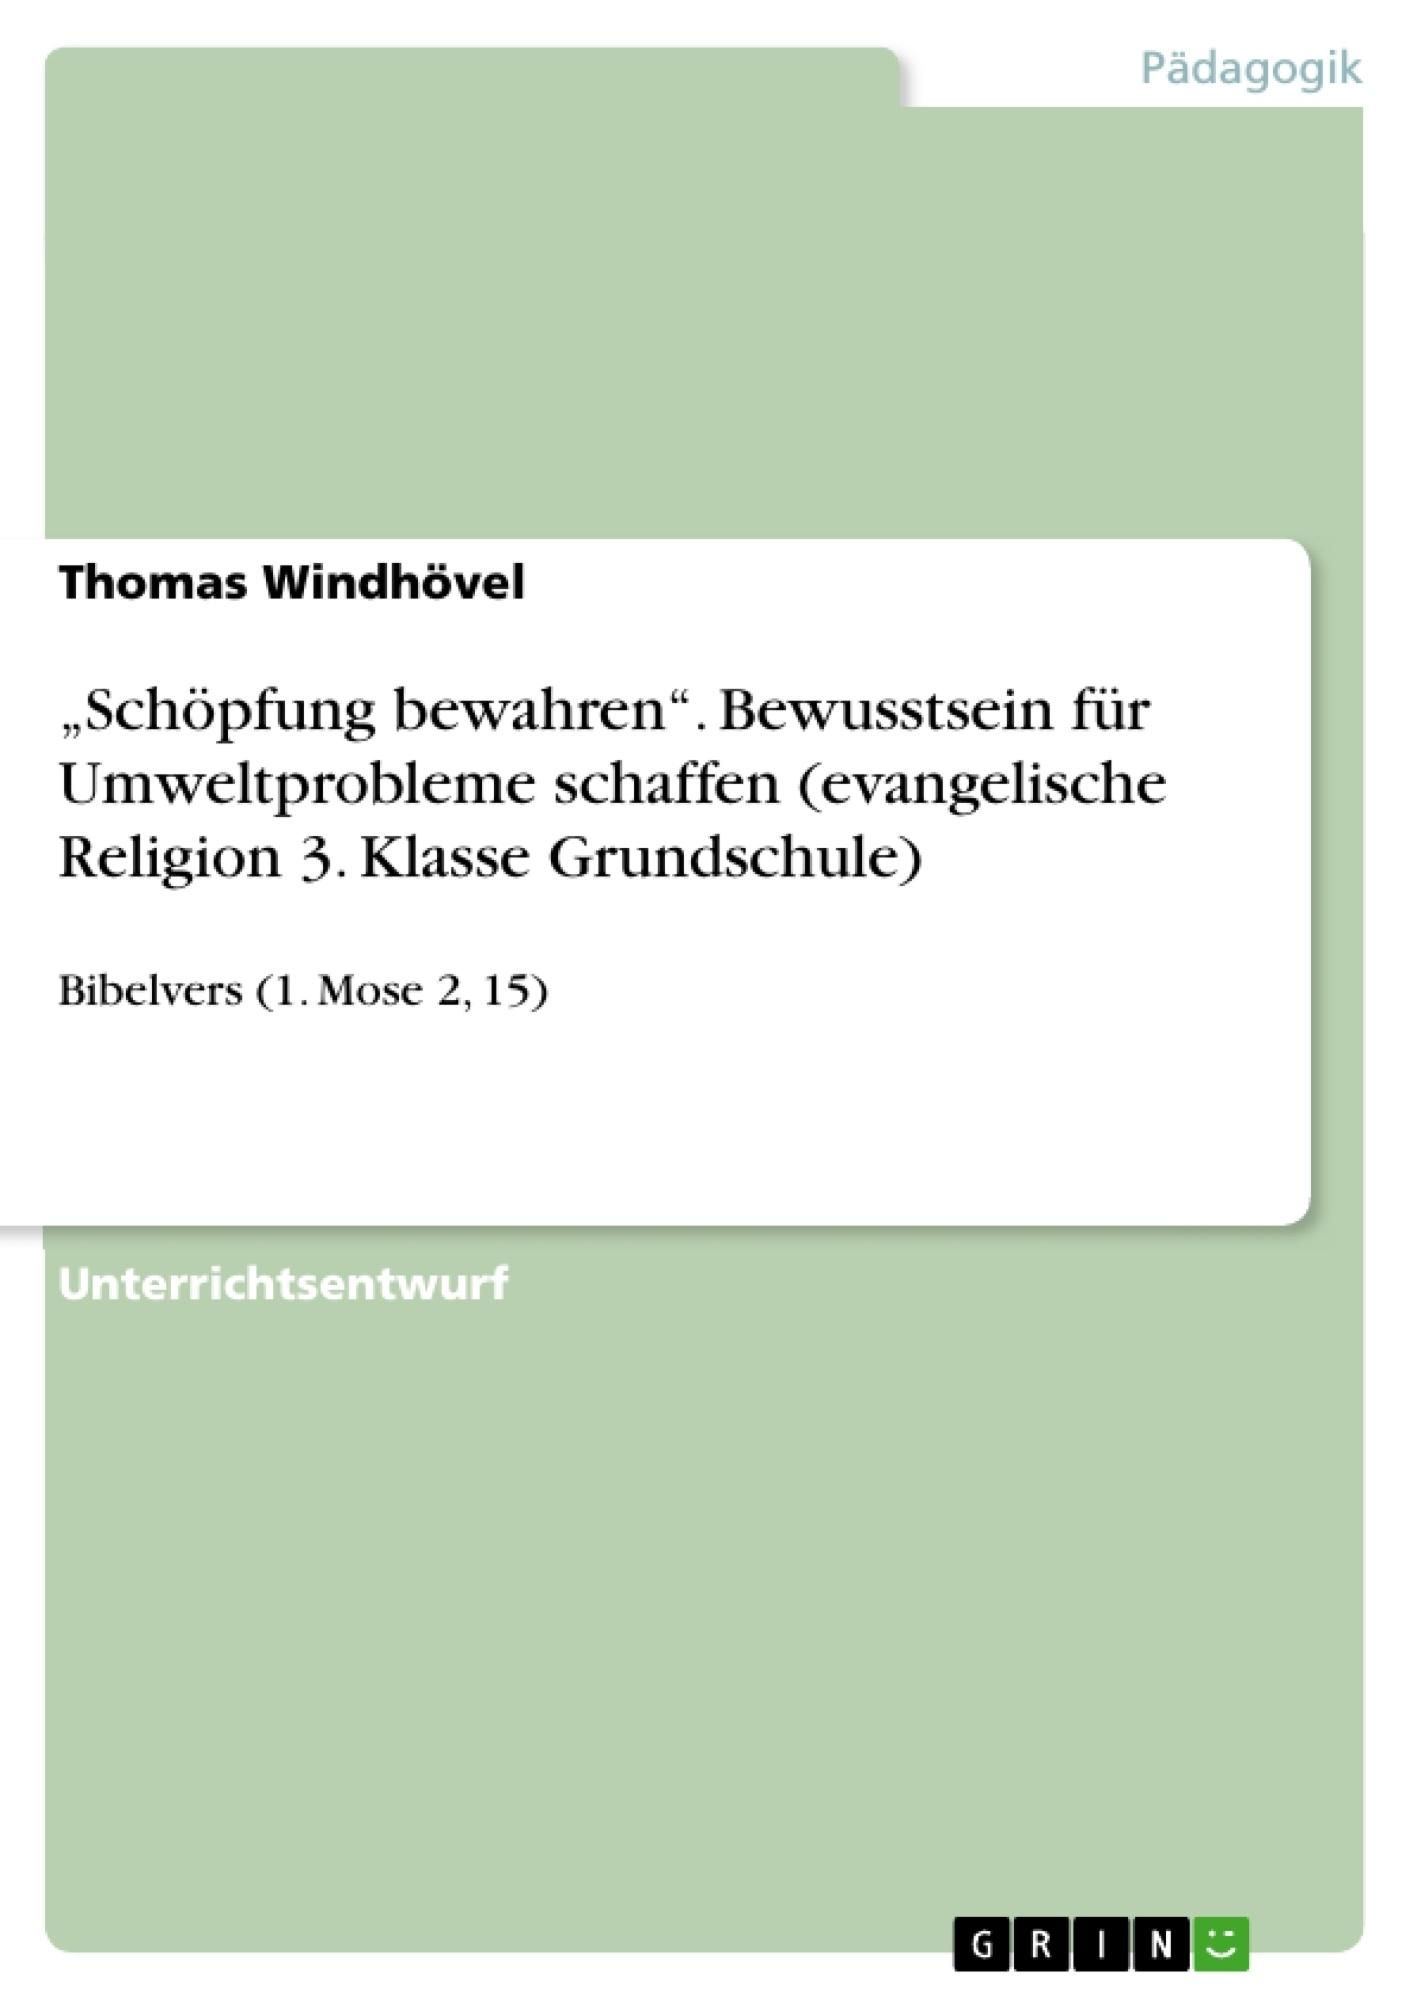 """Titel: """"Schöpfung bewahren"""". Bewusstsein für Umweltprobleme schaffen (evangelische Religion 3. Klasse Grundschule)"""